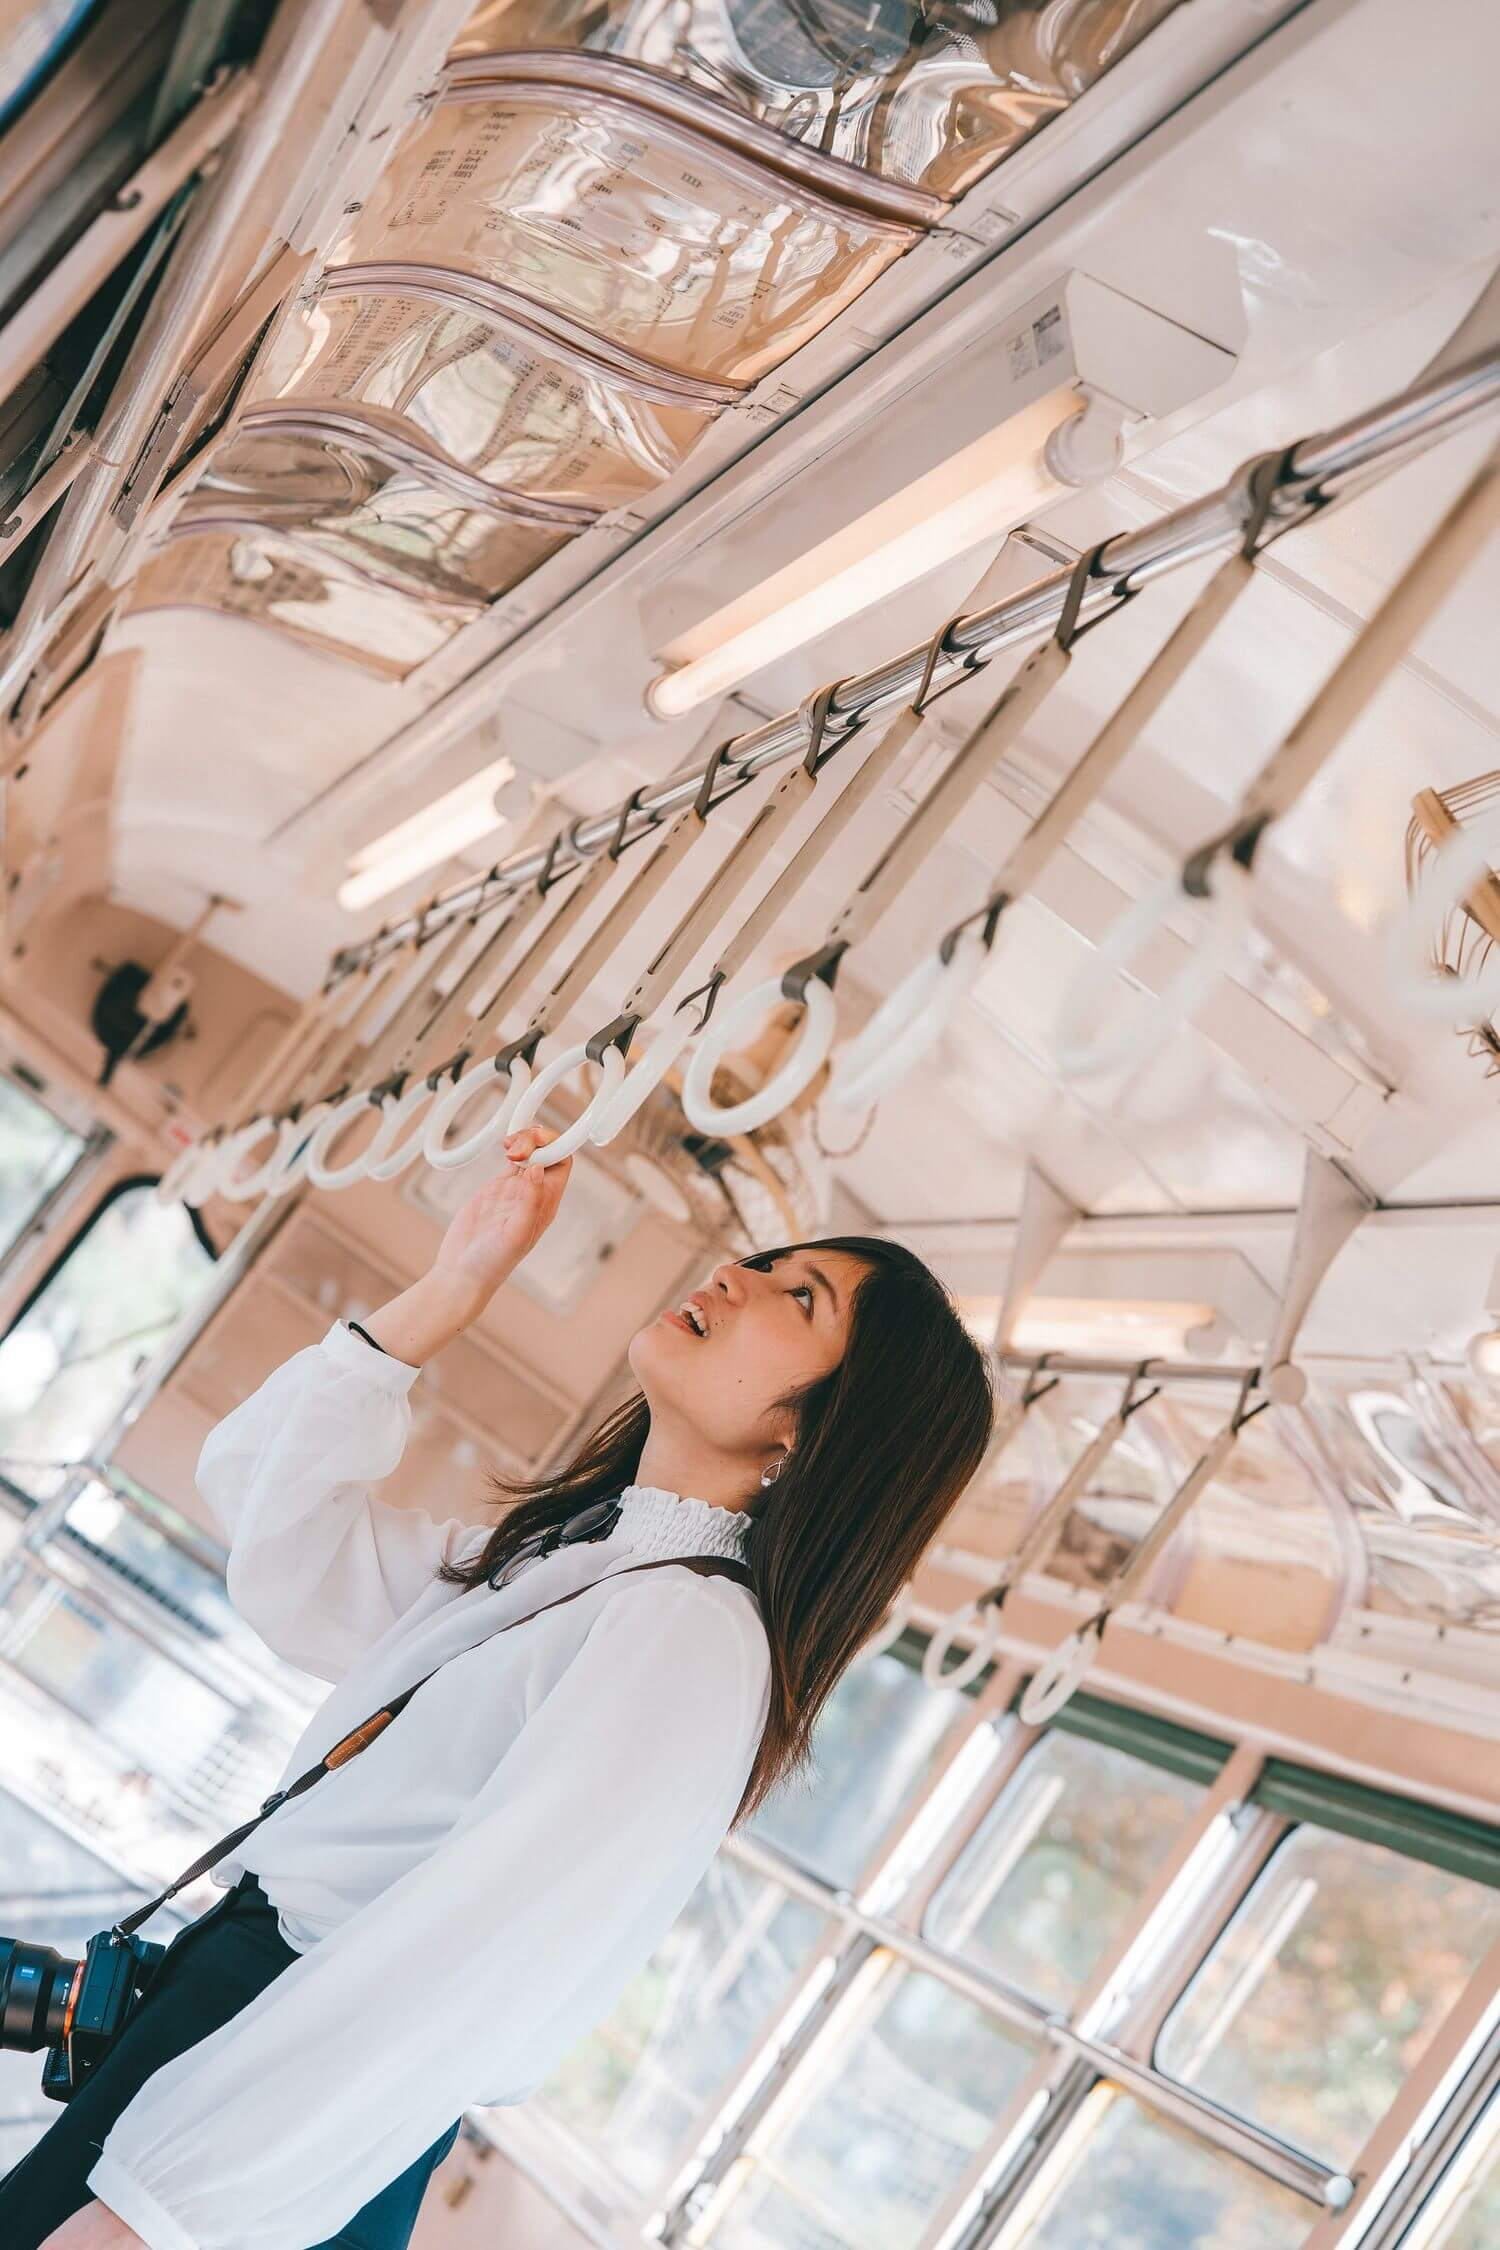 小金井公園の電車内で撮ることさん